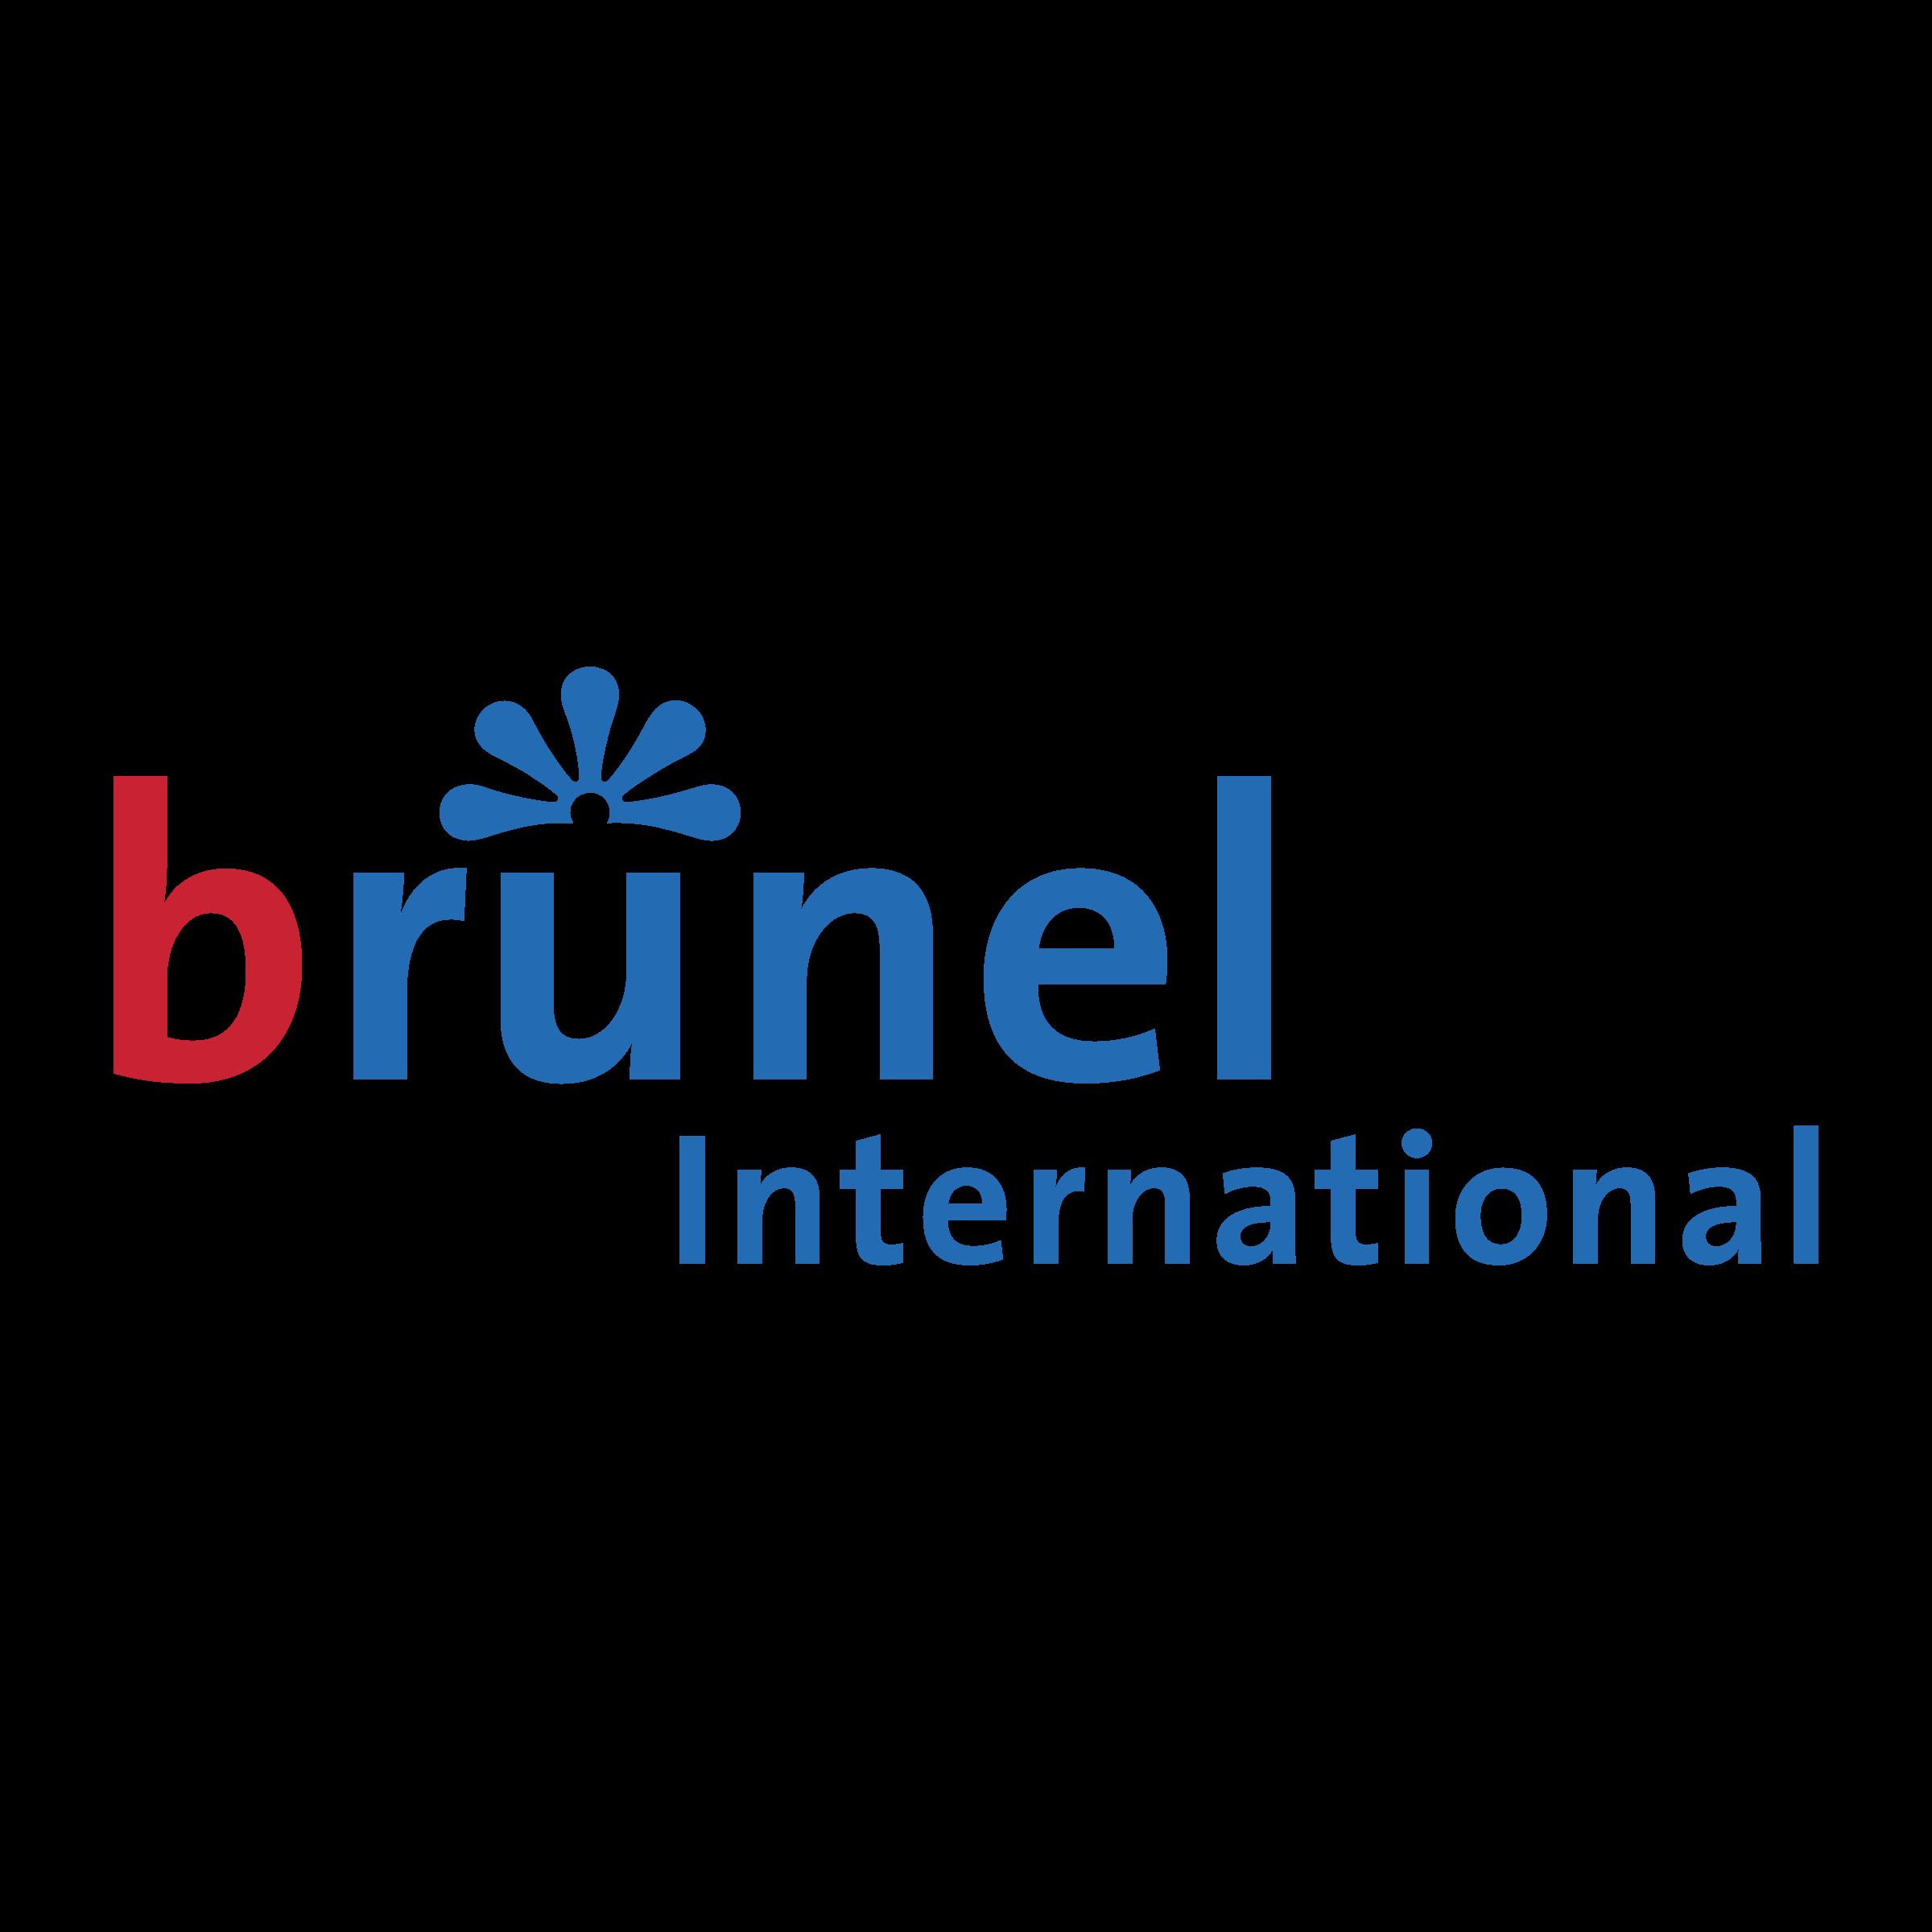 Brunel International Logo PNG Transparent & SVG Vector.